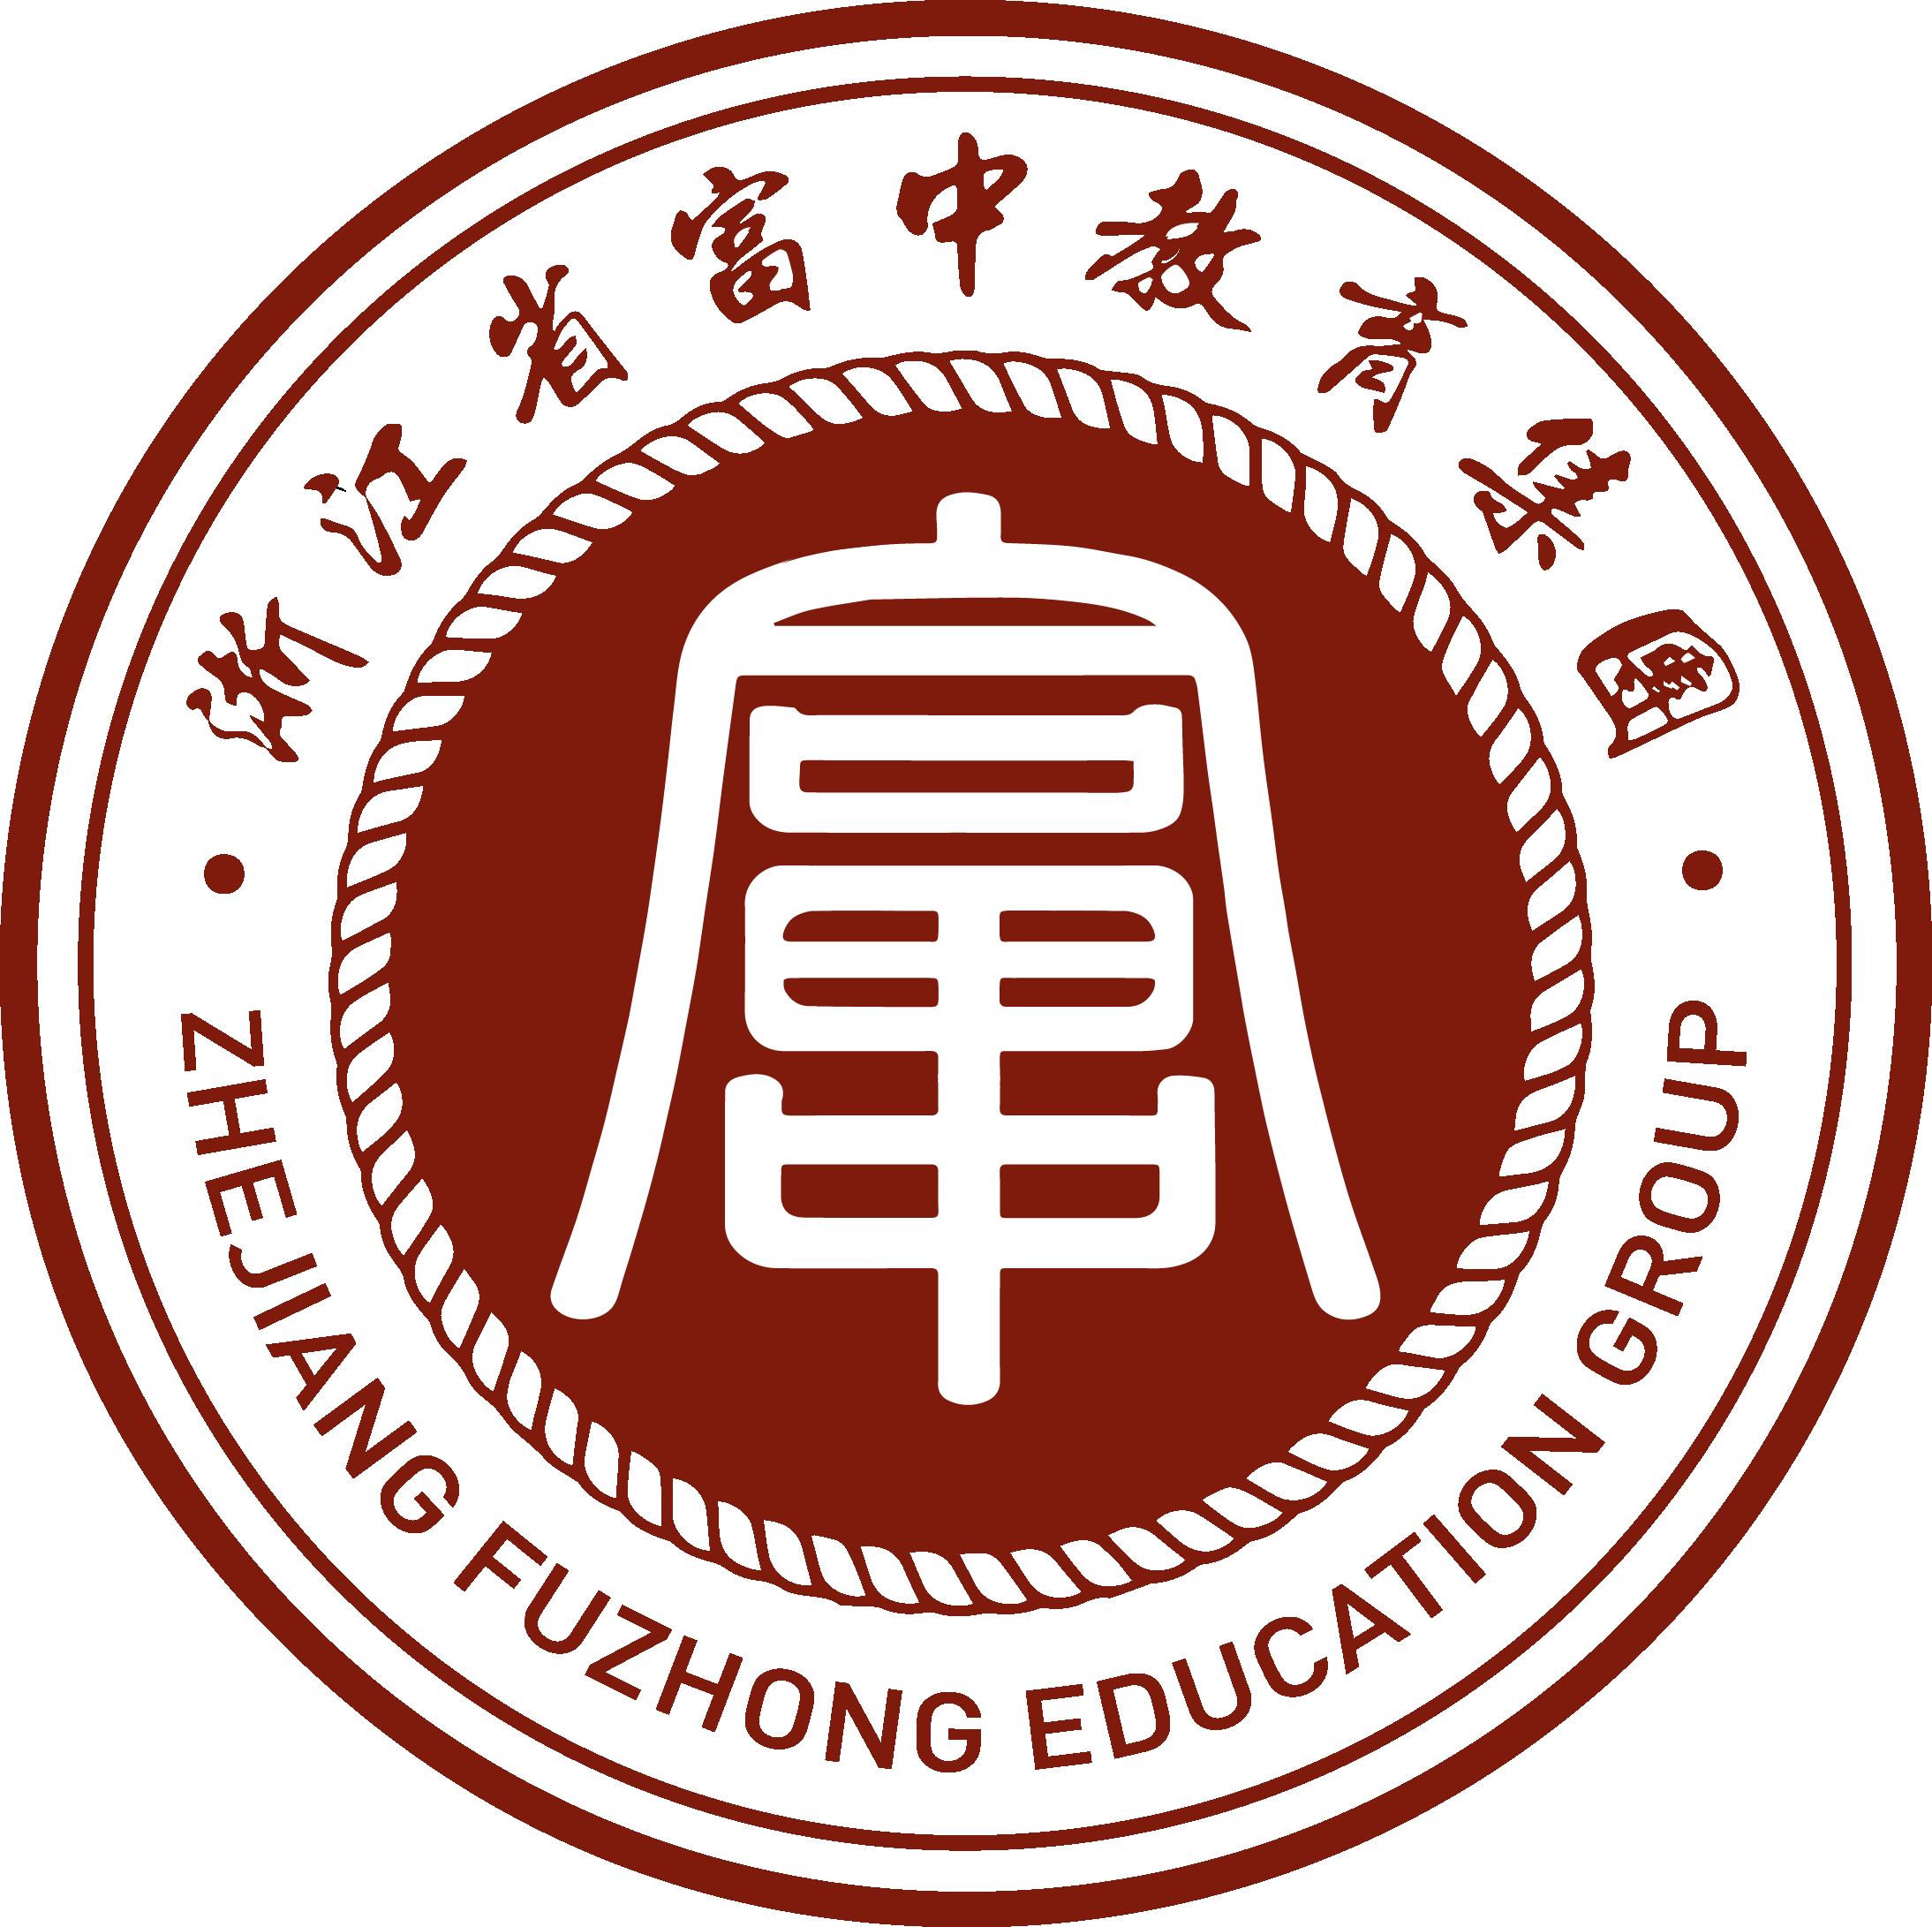 Fuzhong logo final version 1.png